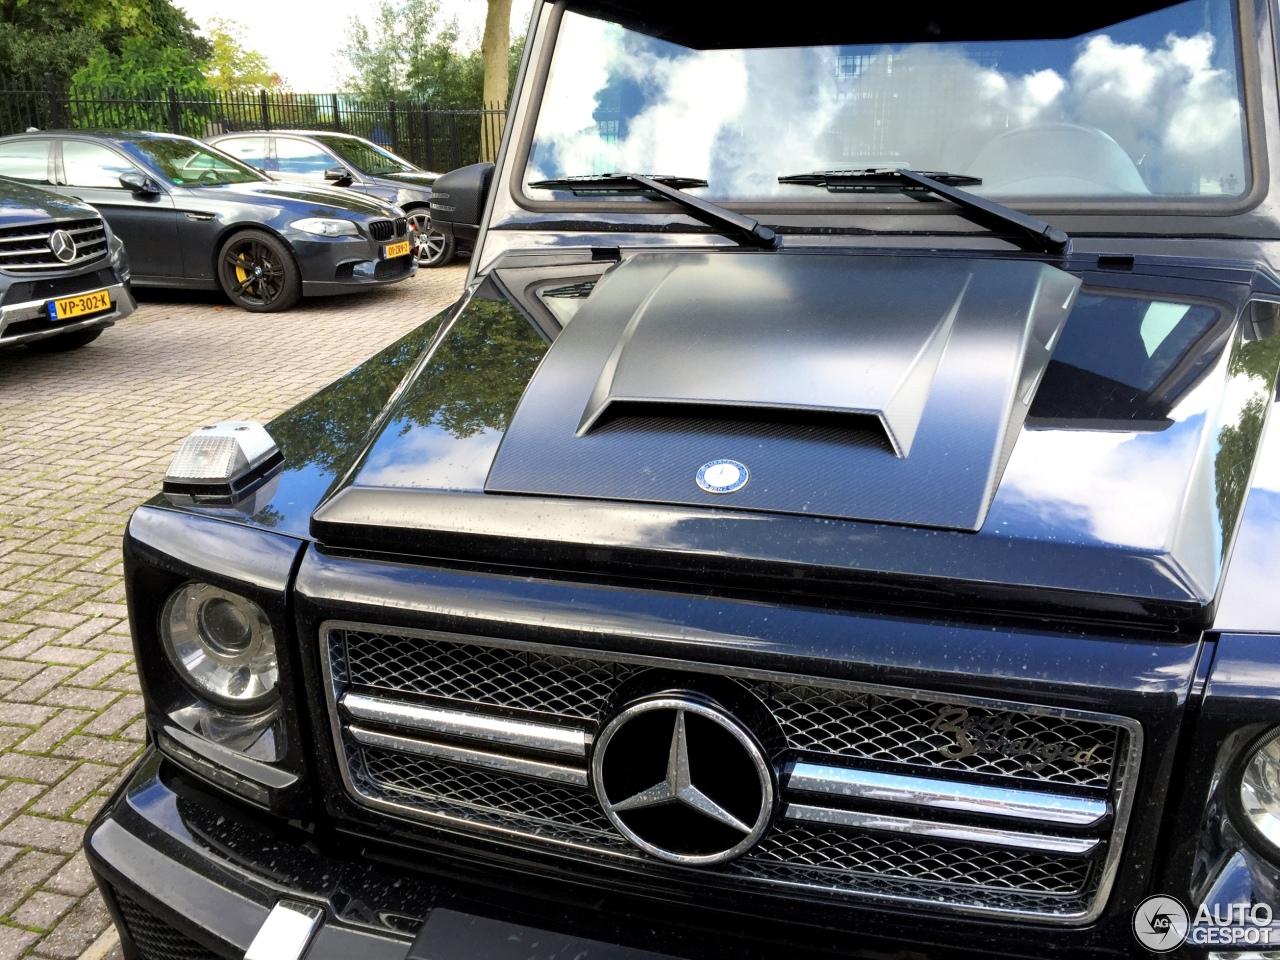 Mercedes benz g 65 amg 23 september 2015 autogespot for Mercedes benz g 65 amg